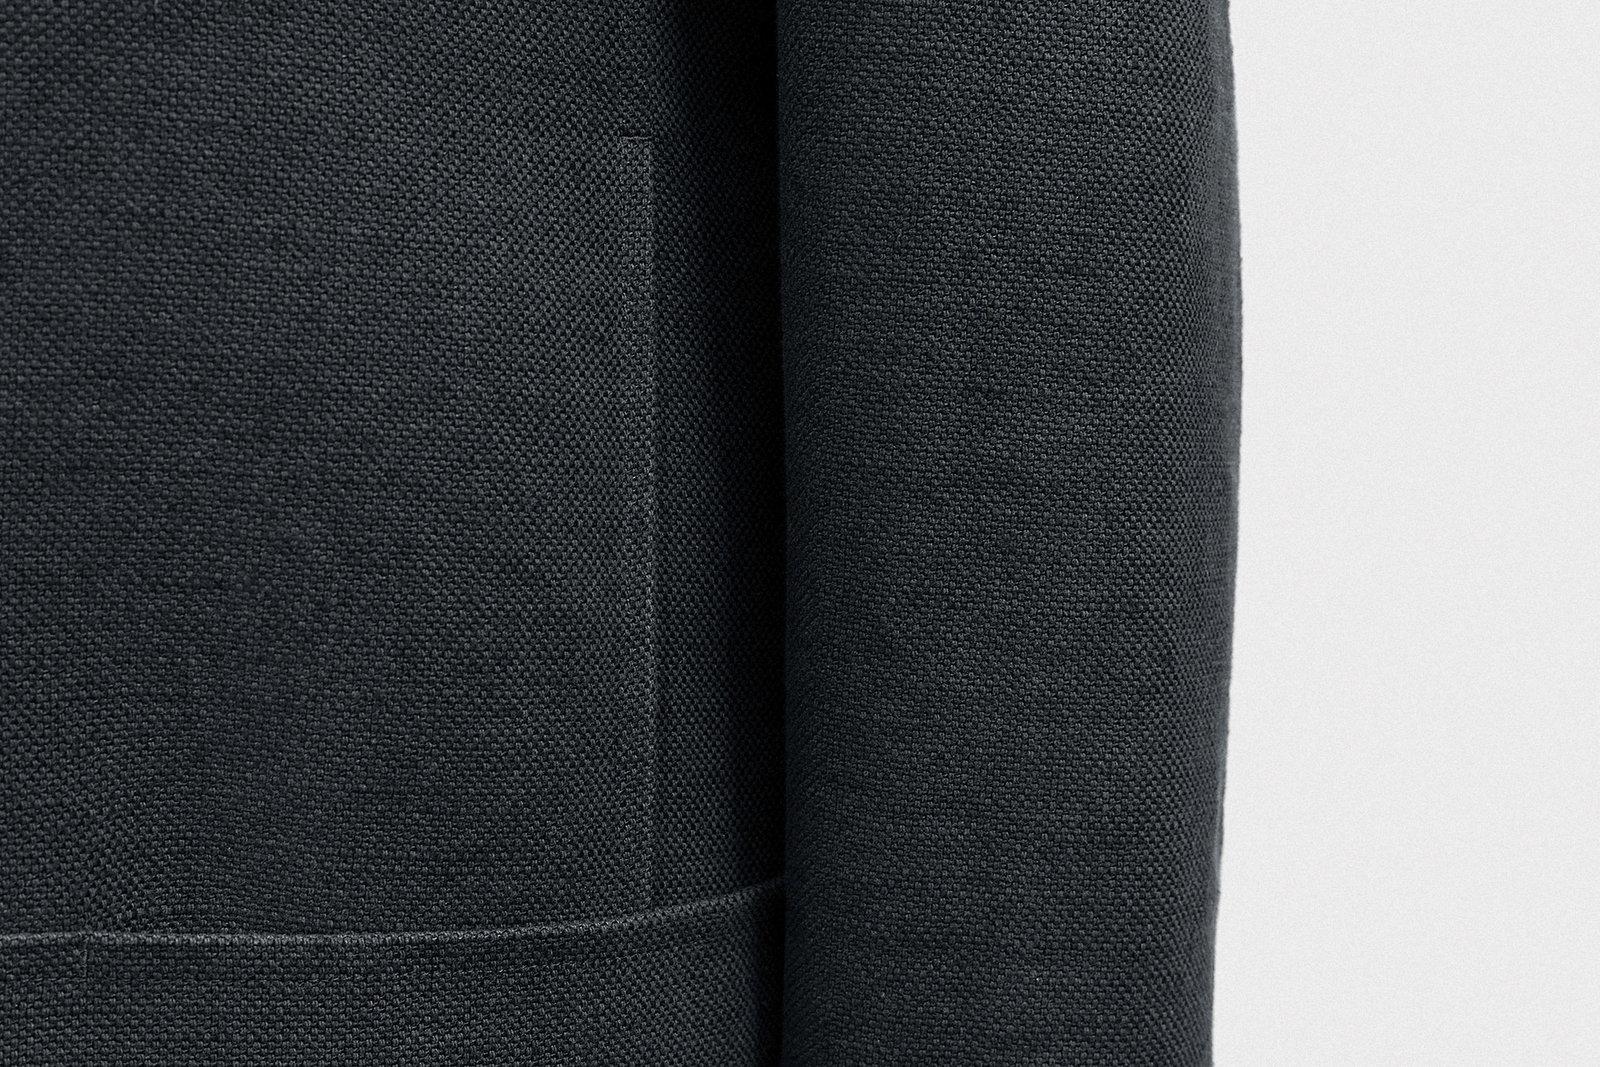 shopcoat-grey-8@2x.jpg